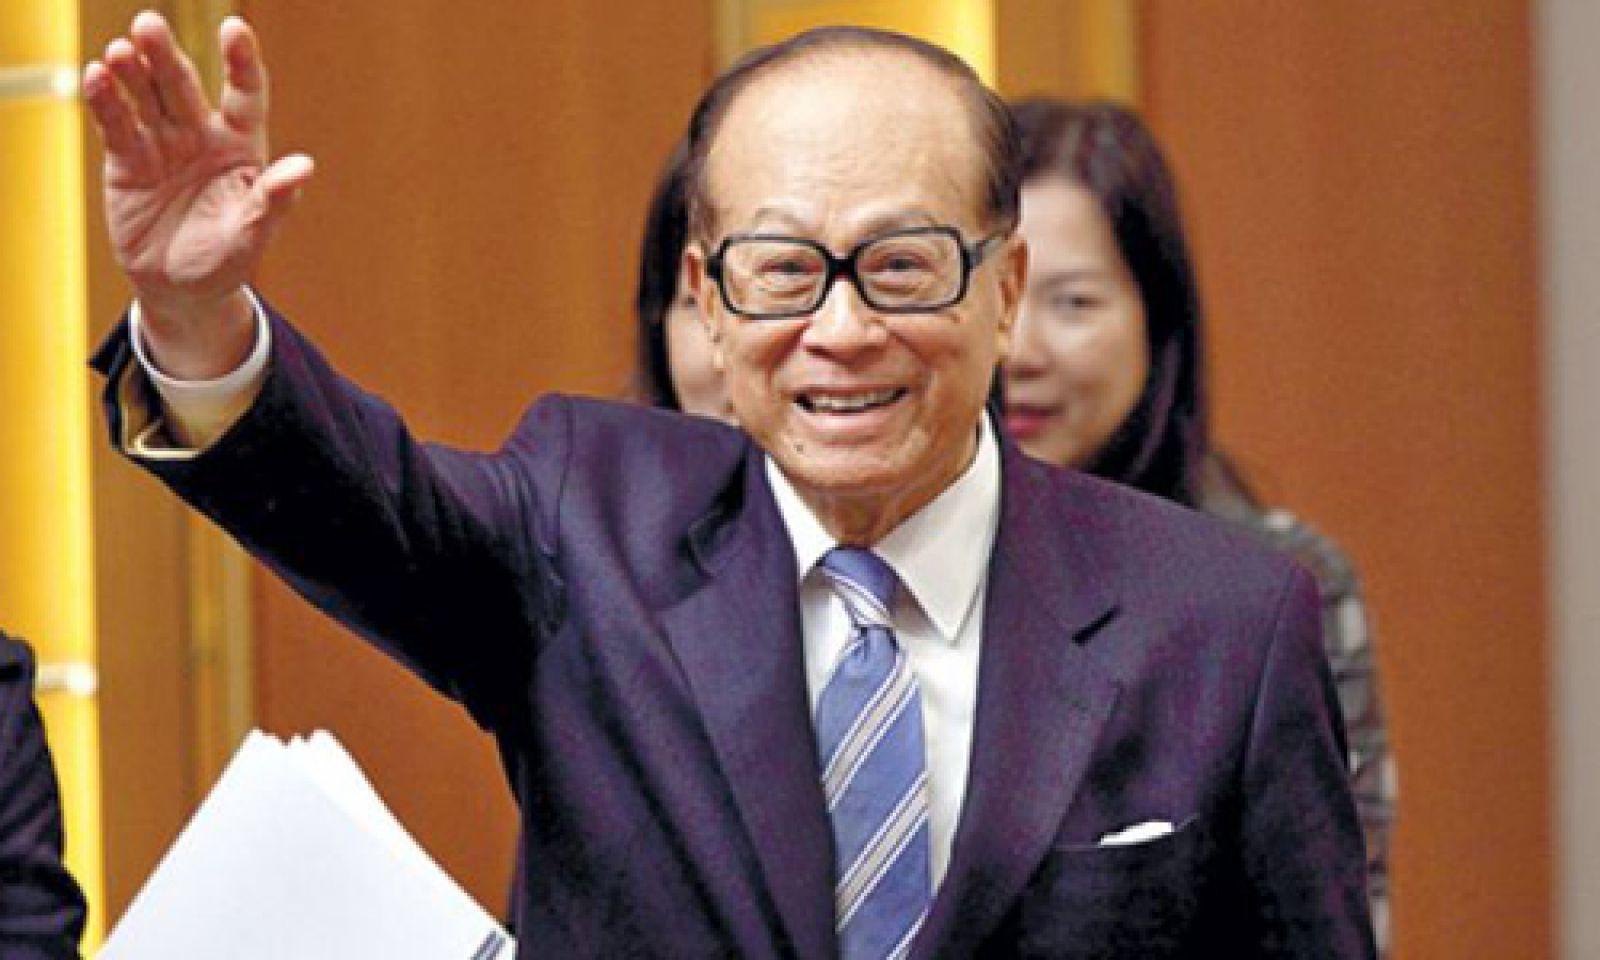 Ông Lý Gia Thành hiện có tổng tài sản 28,8 tỷ USD. Ảnh: Nextshark